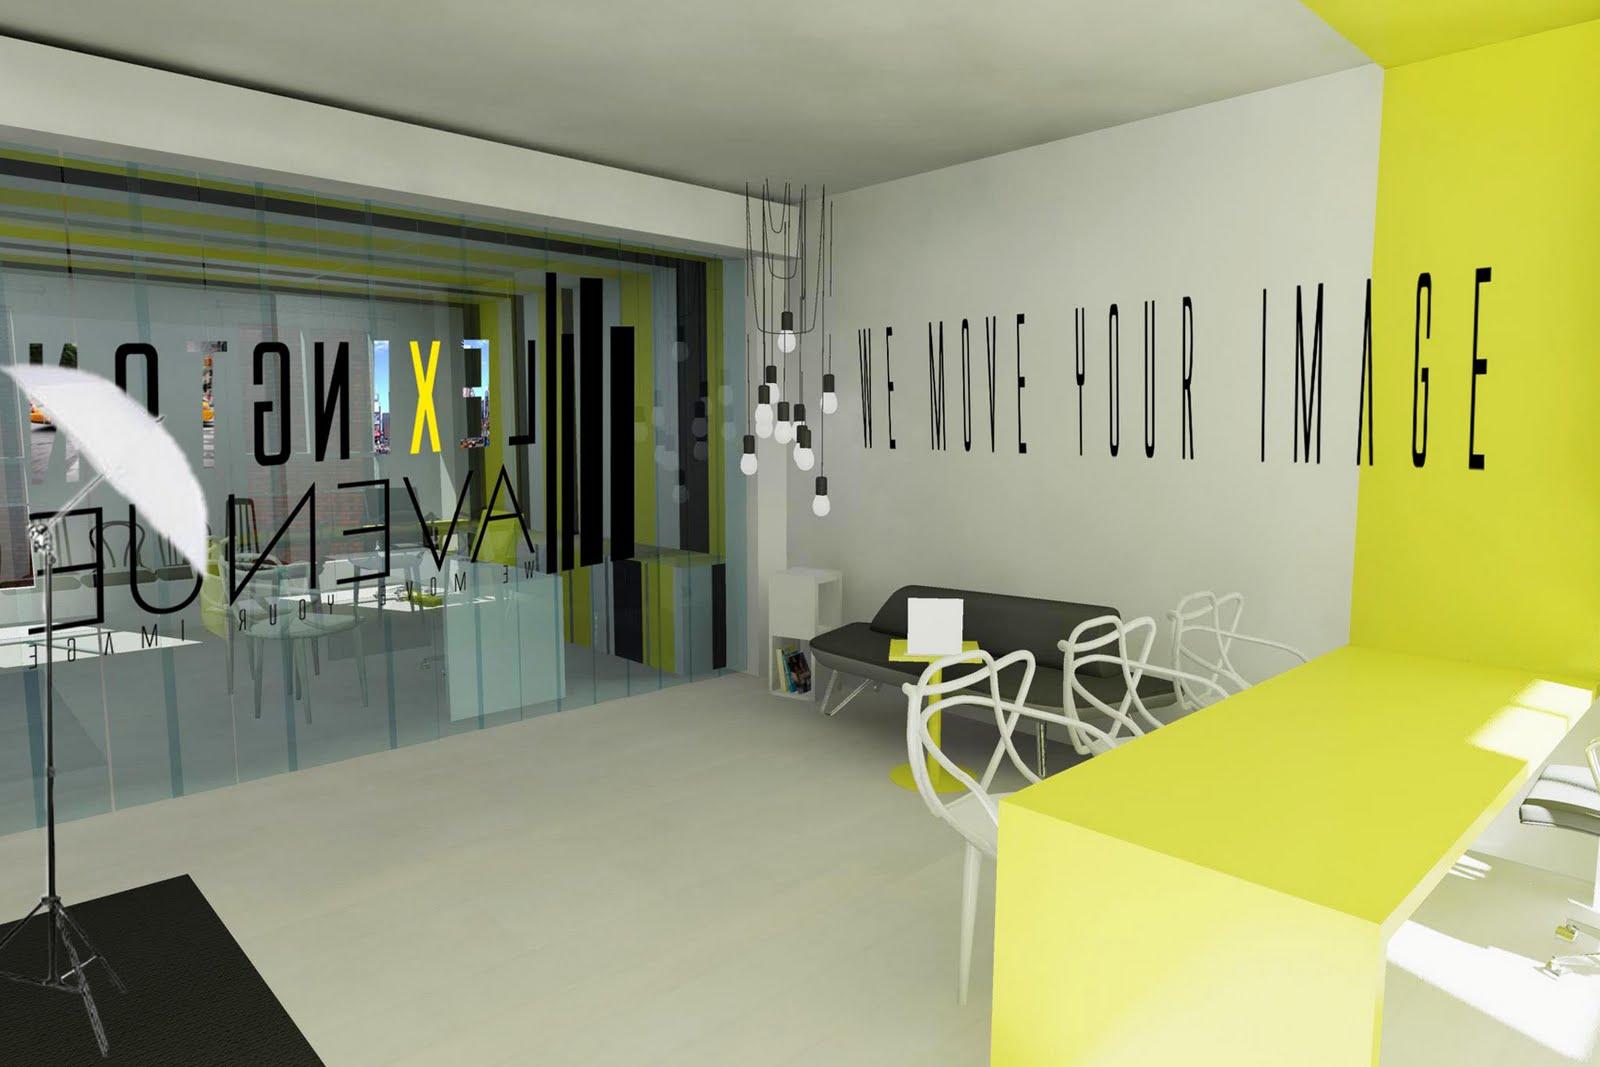 Quespacio blogspot oficinas de dise o for Diseno de oficinas modernas en casa